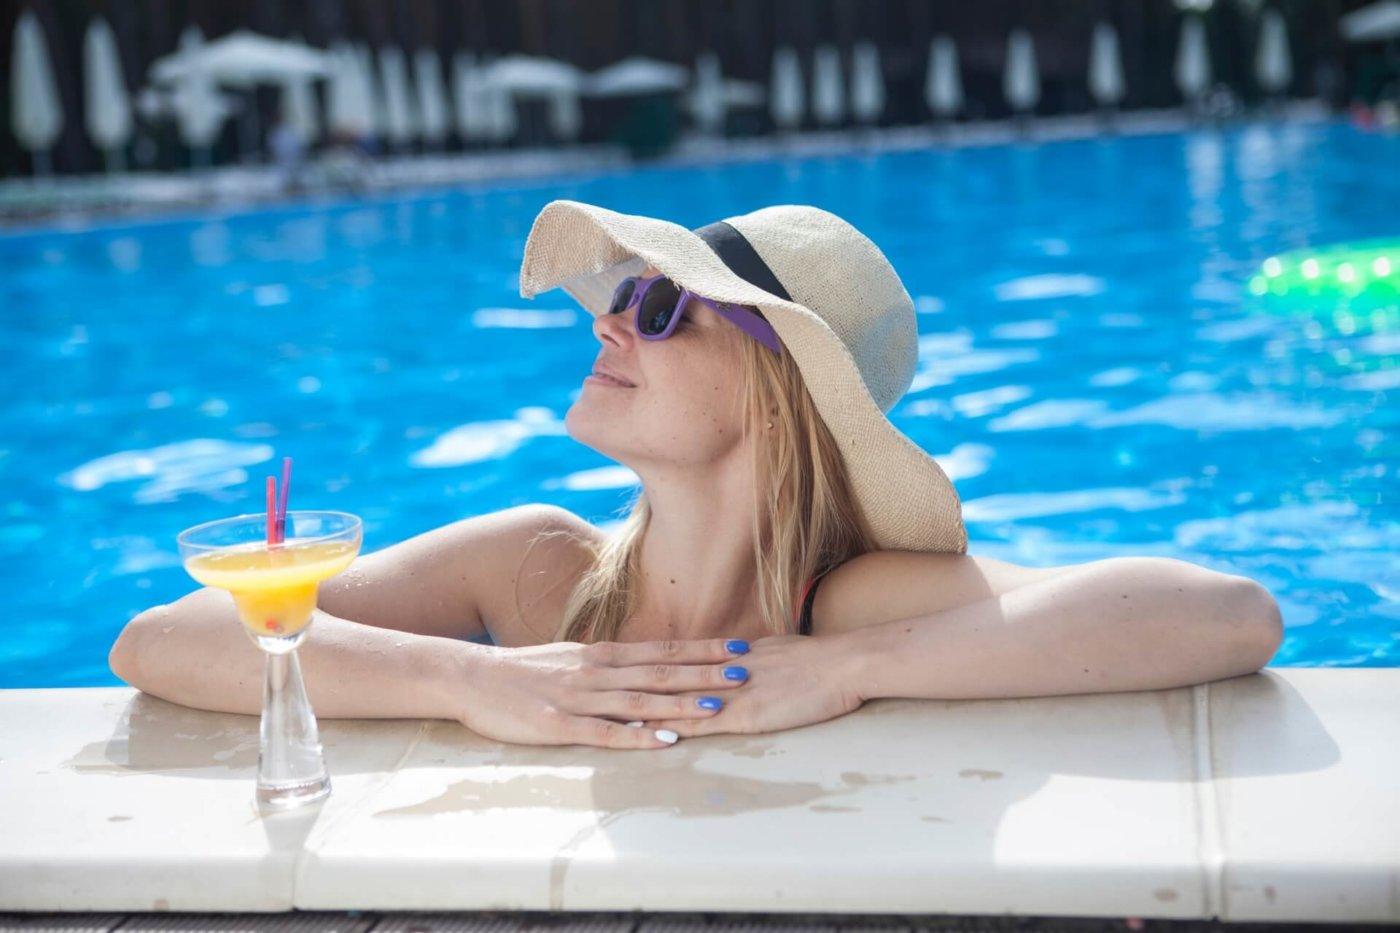 プールではしゃいでも可愛いまま!水に負けないメイクで夏を満喫しよう